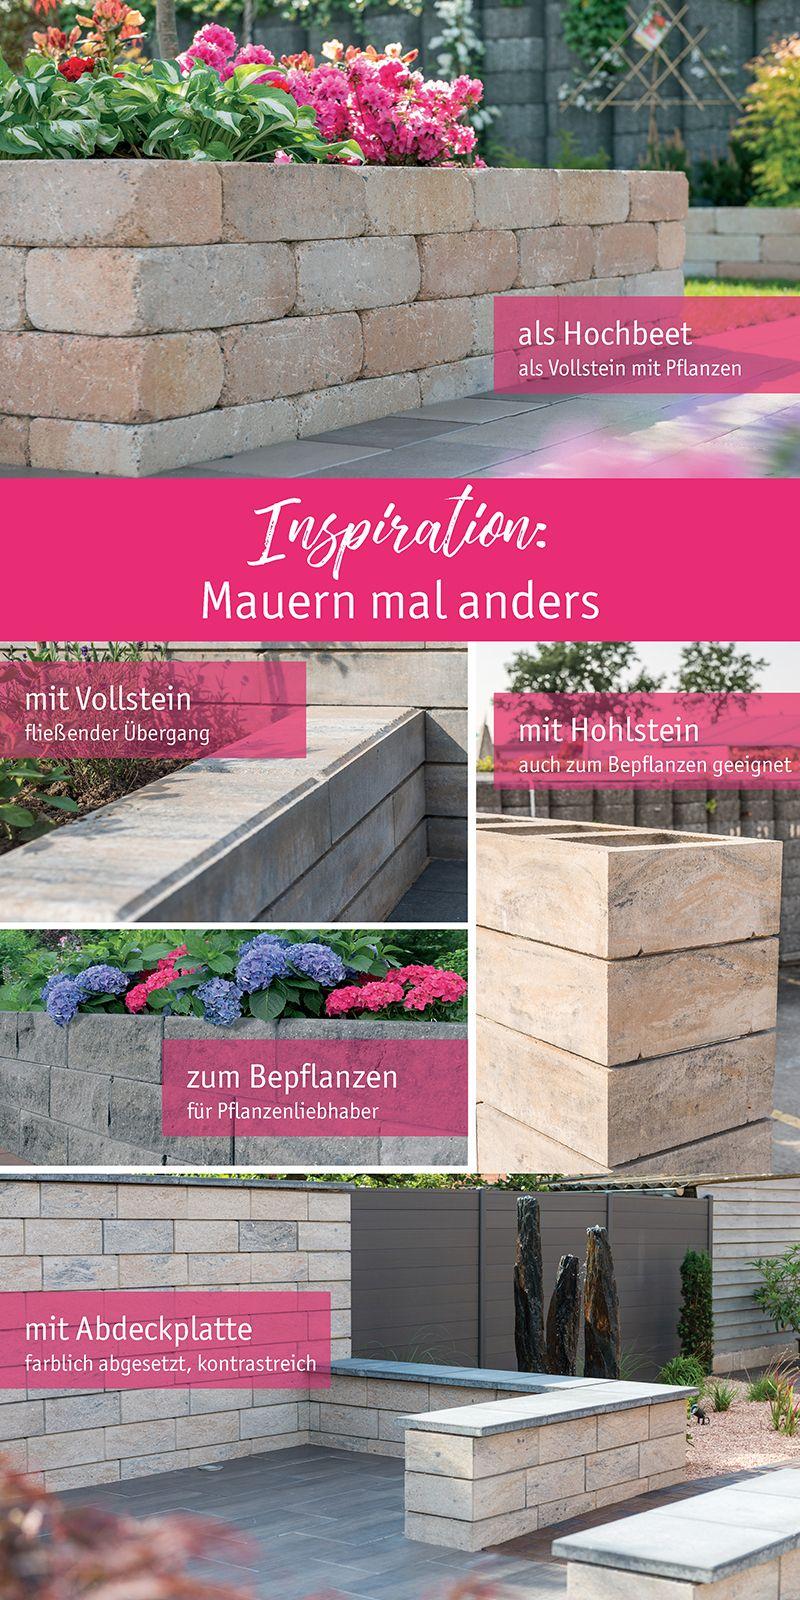 Mauern Mal Anders Diverse Moglichkeiten Mauerabschlusse Zu Gestalten Eine Mauer Mehrere Moglichkeiten Garten Landschaftsbau Landschaftsbau Mauer